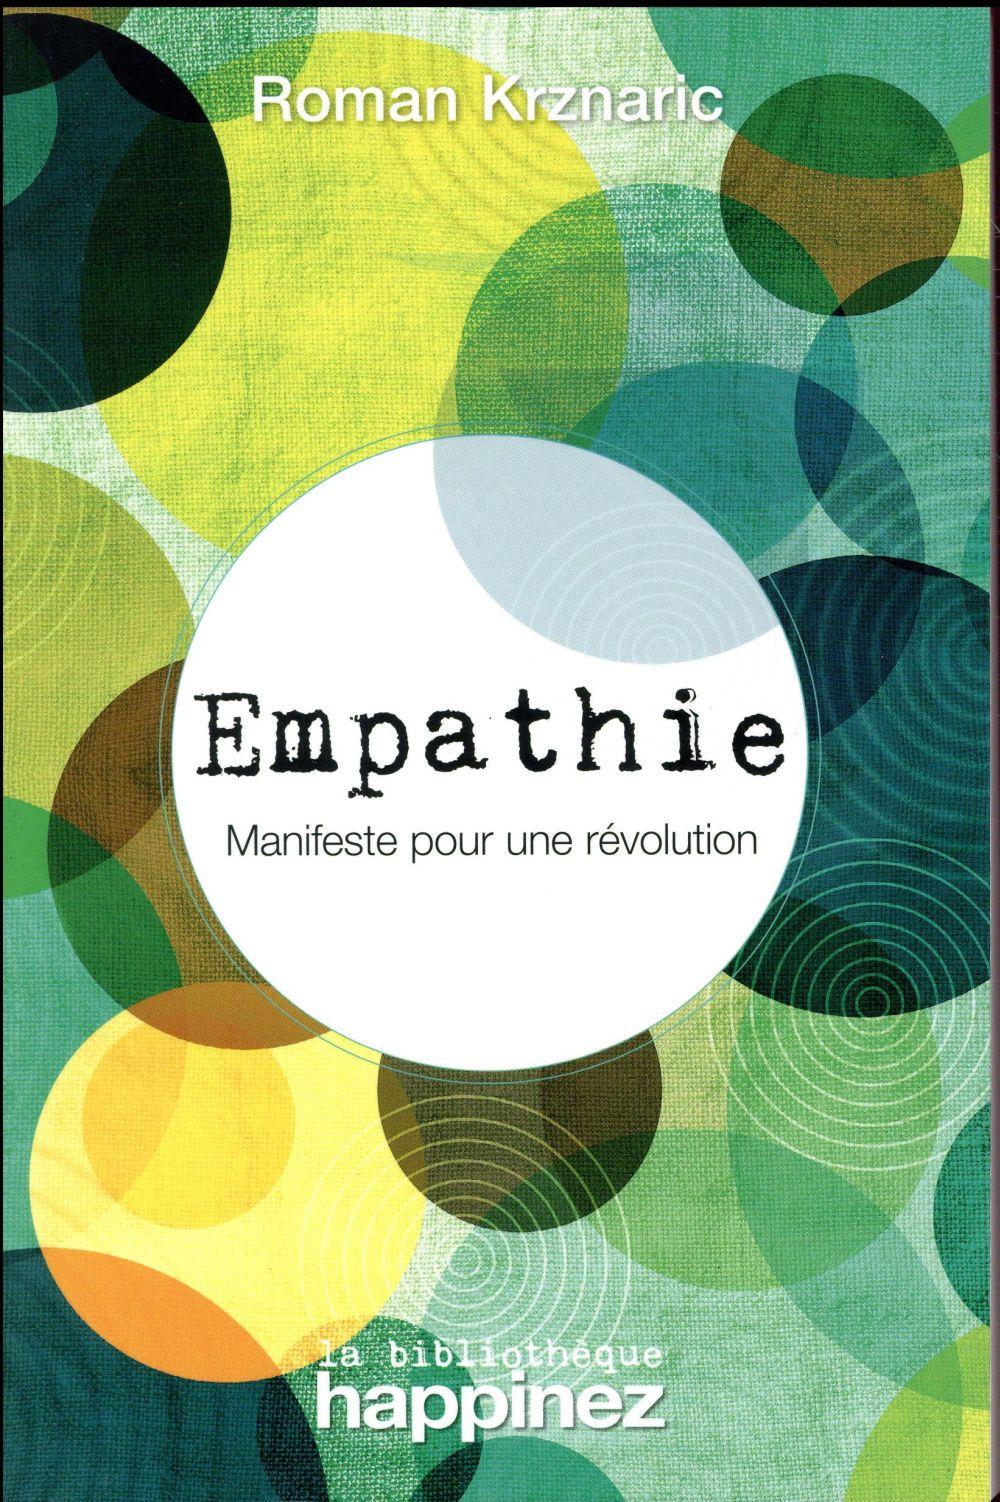 EMPATHIE - MANIFESTE POUR UNE REVOLUTION